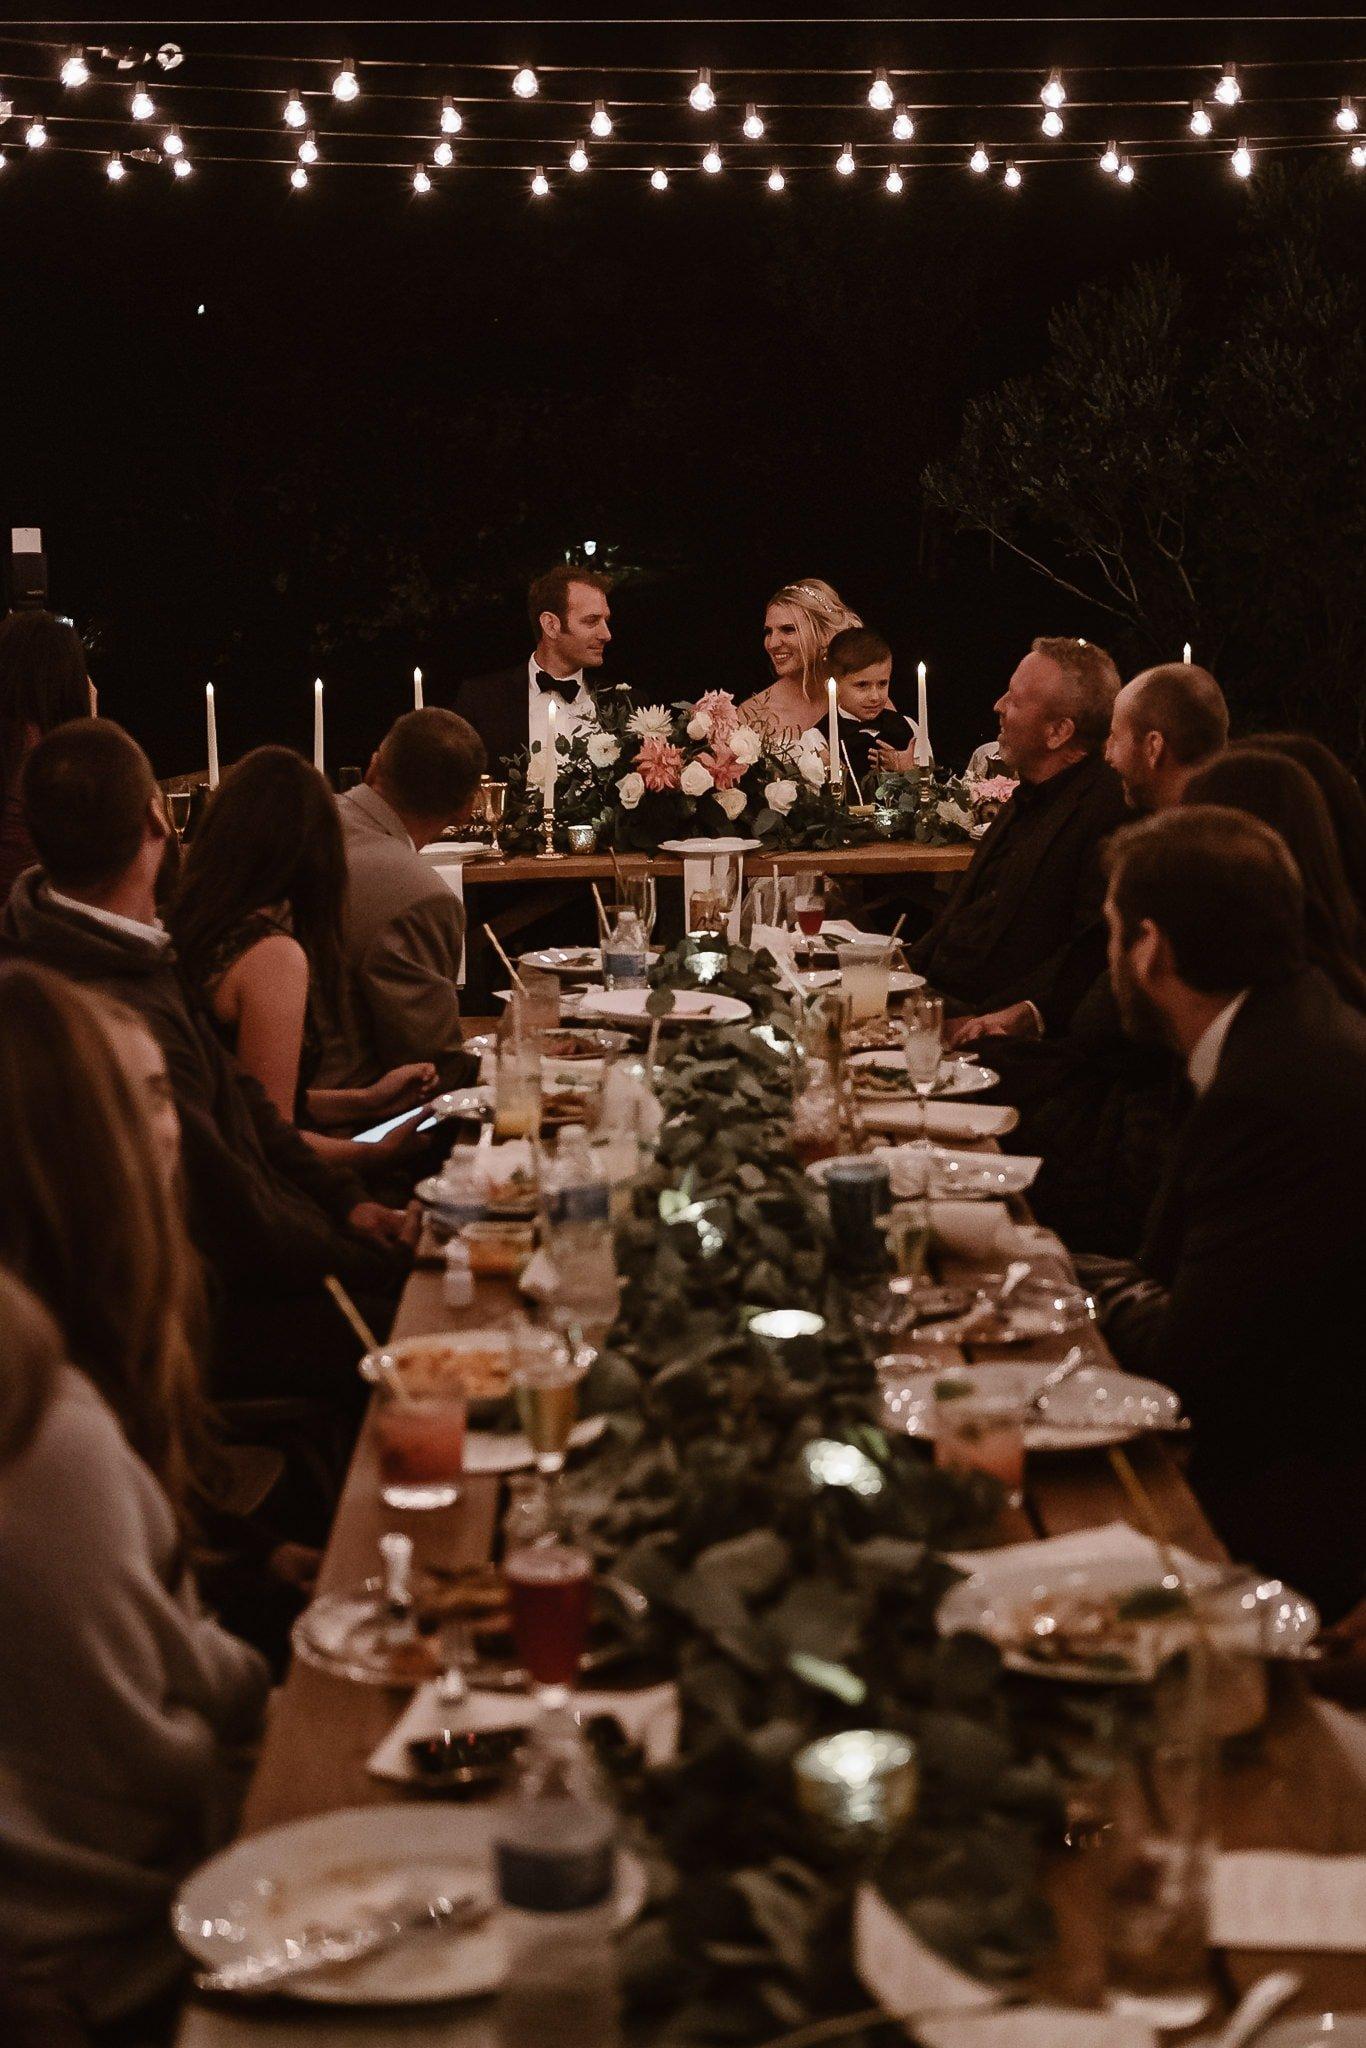 Aspen ranch wedding, Colorado mountain wedding photographer, private ranch wedding reception, market lights string lights outdoor wedding reception at night